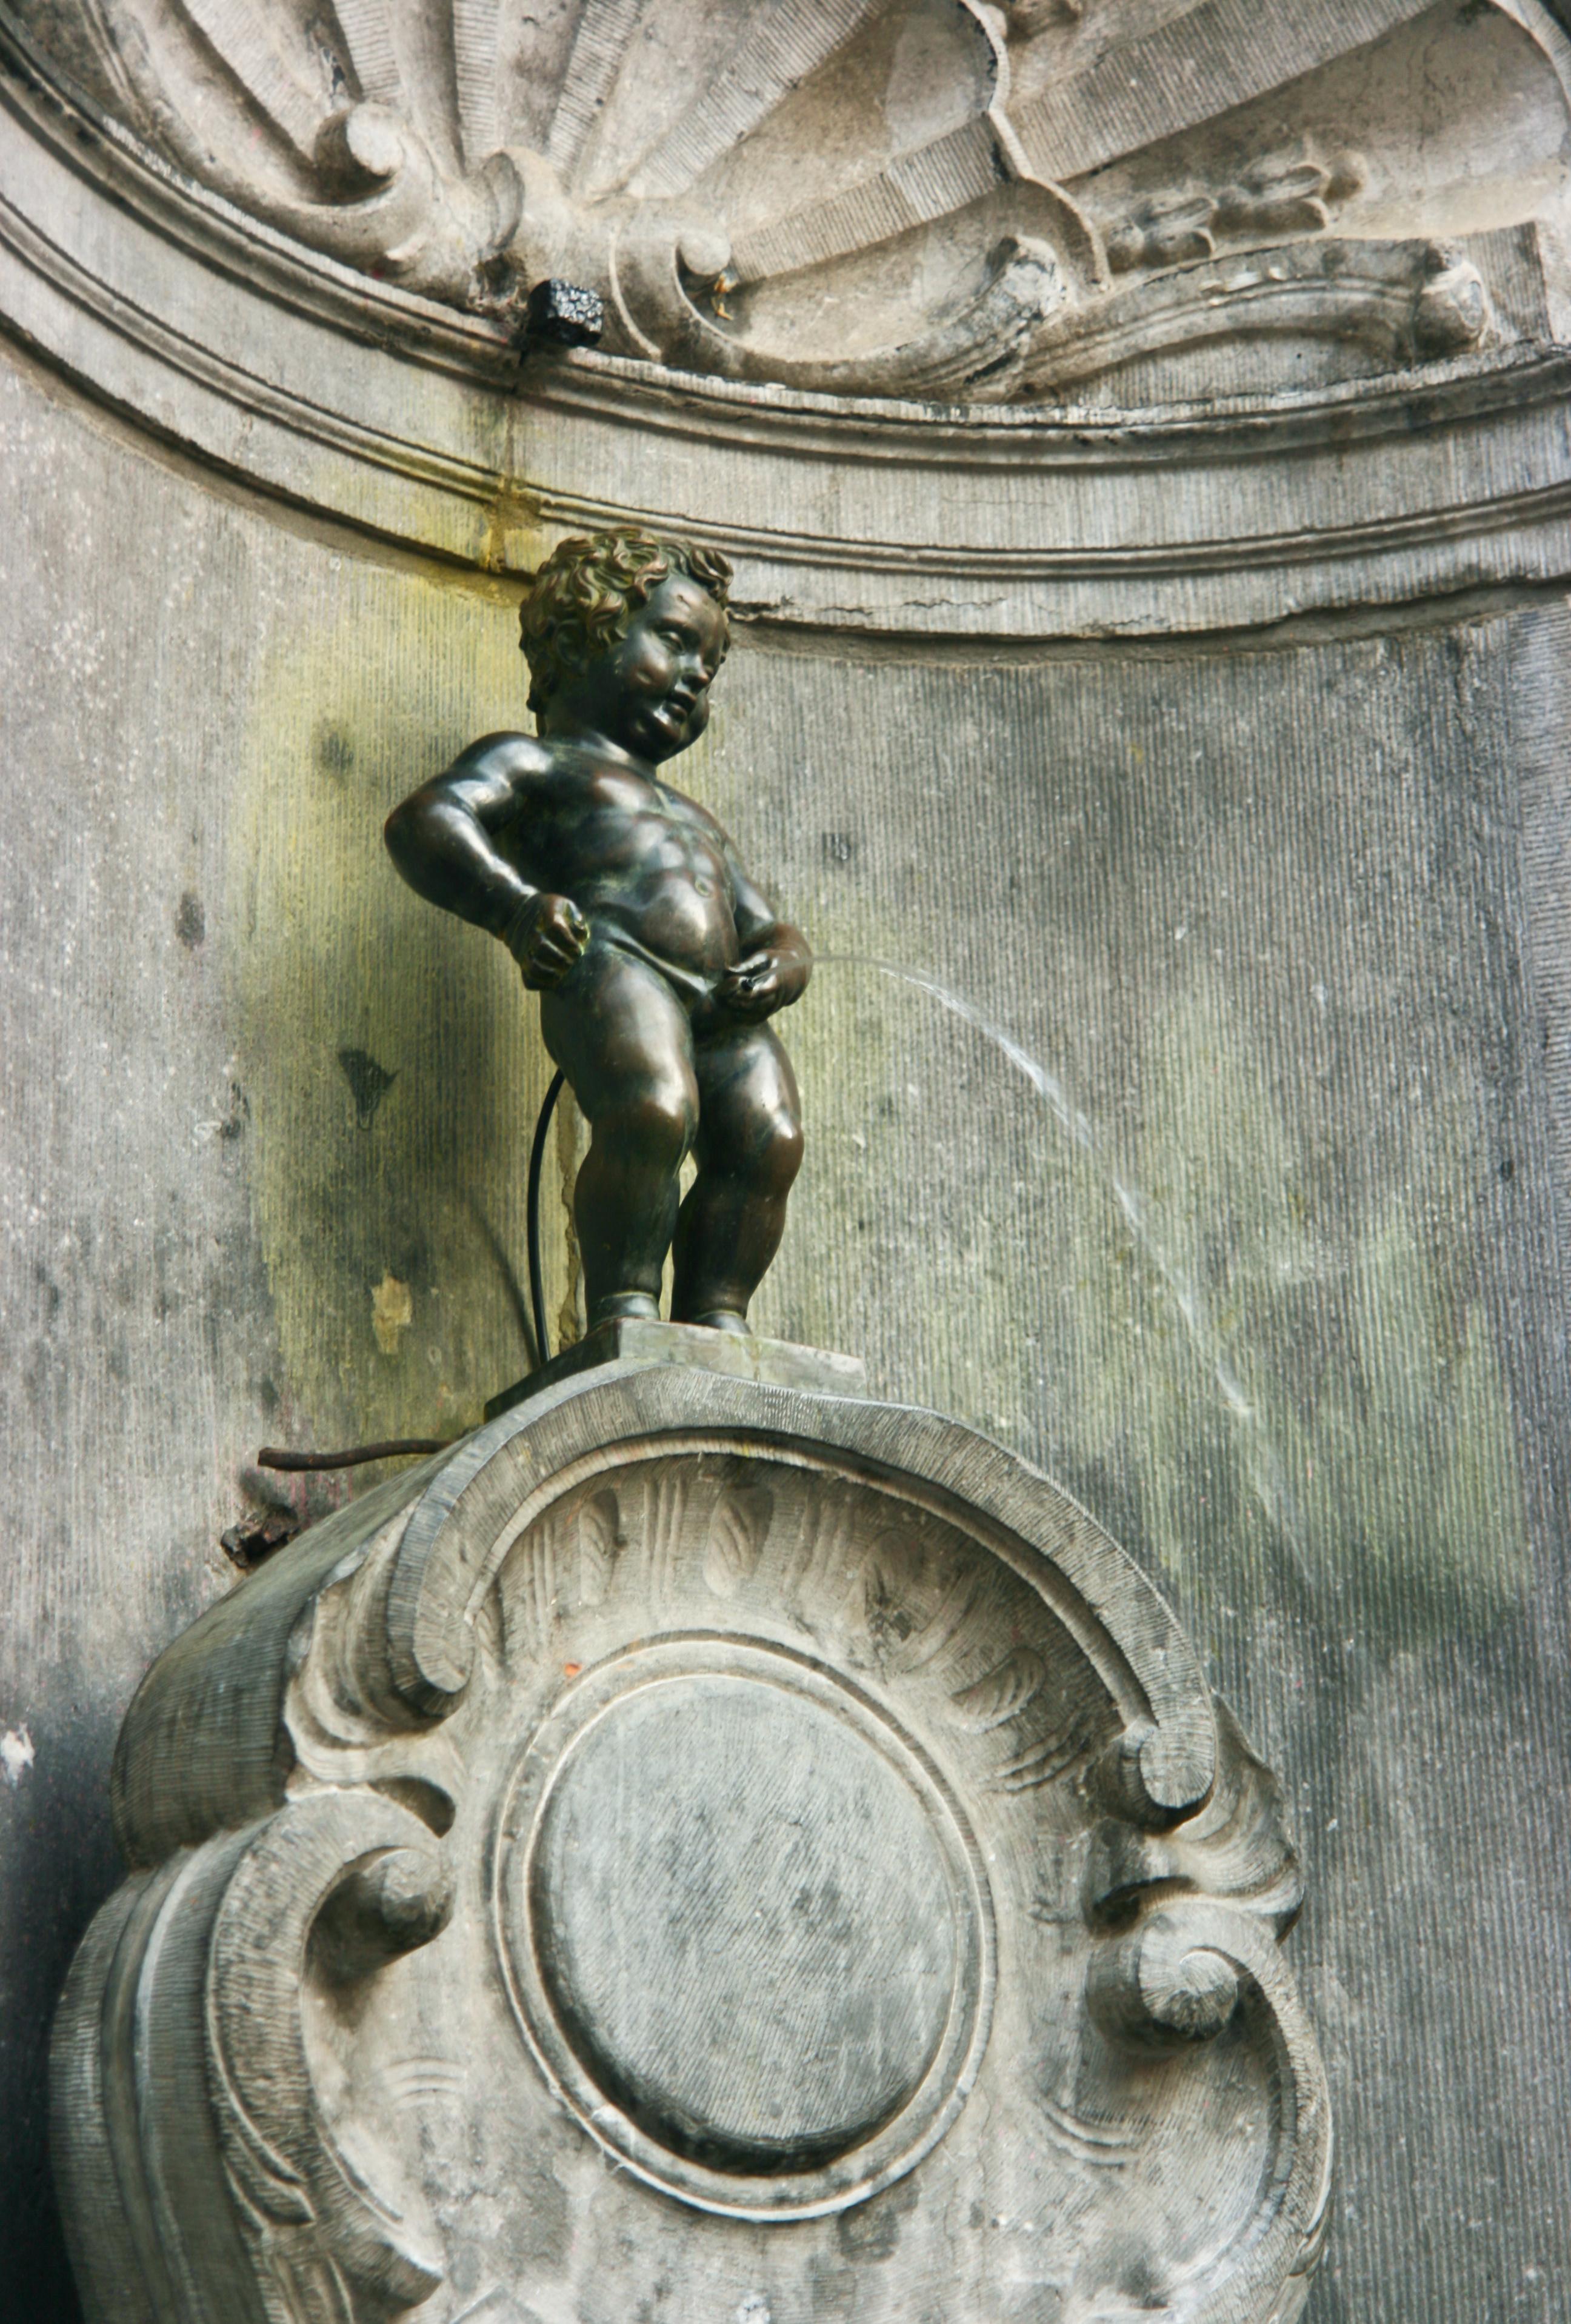 https://i0.wp.com/upload.wikimedia.org/wikipedia/commons/0/08/Manneken_Pis.jpg